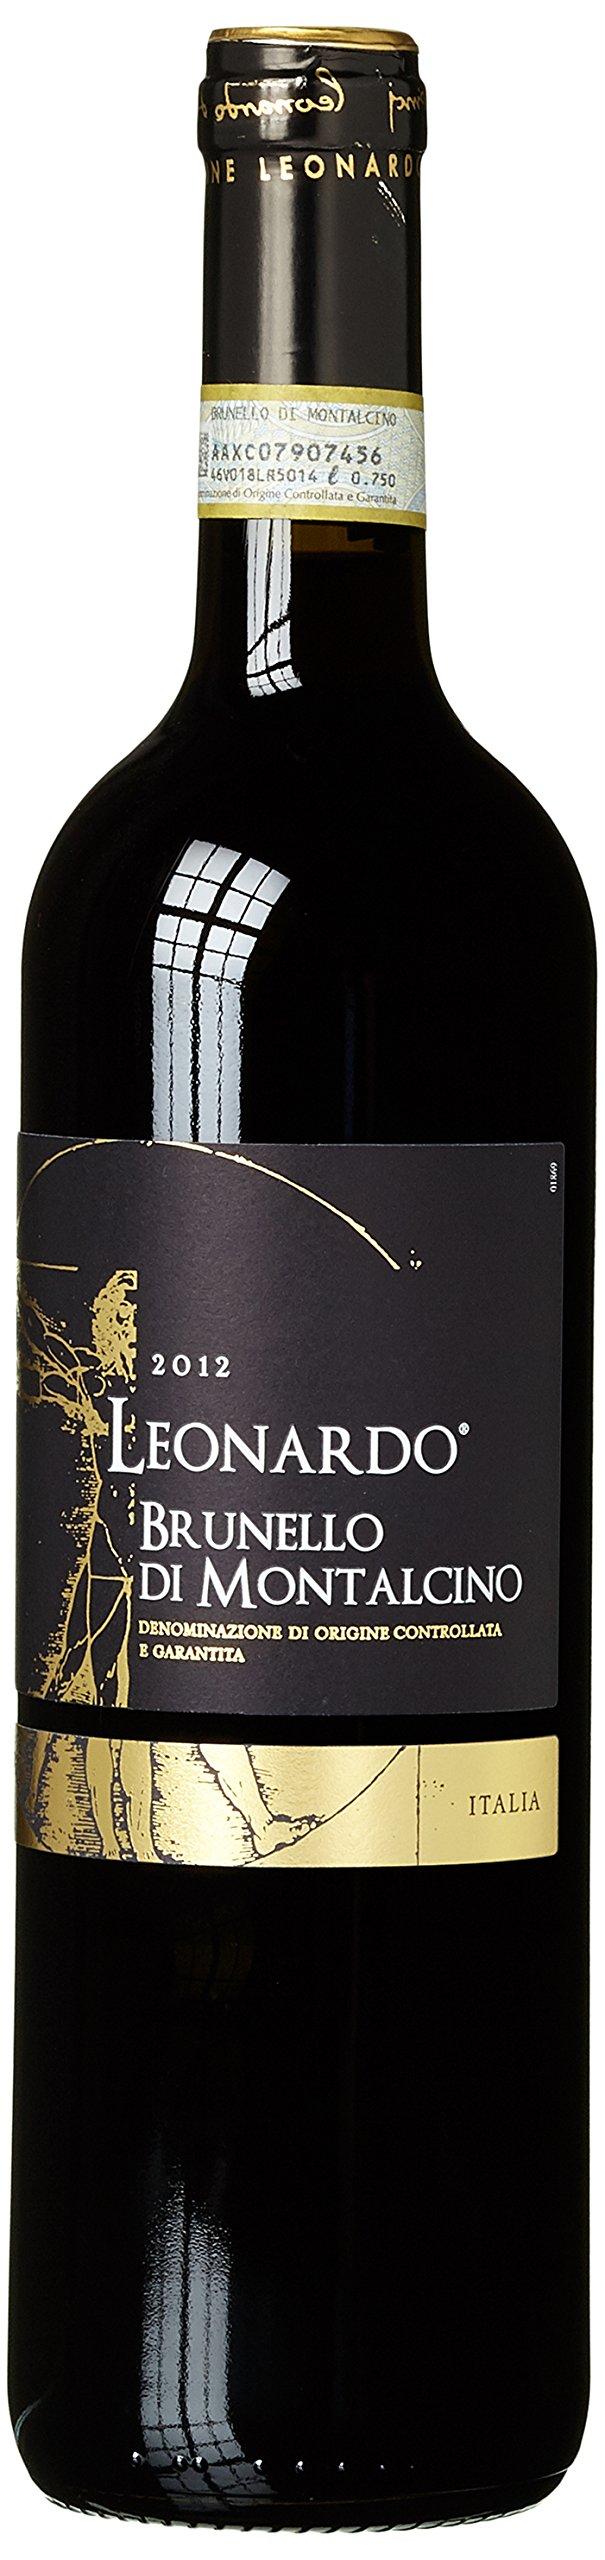 Leonardo-Brunelo-di-Montalcino-Sangiovese-2011-Trocken-1-x-075-l